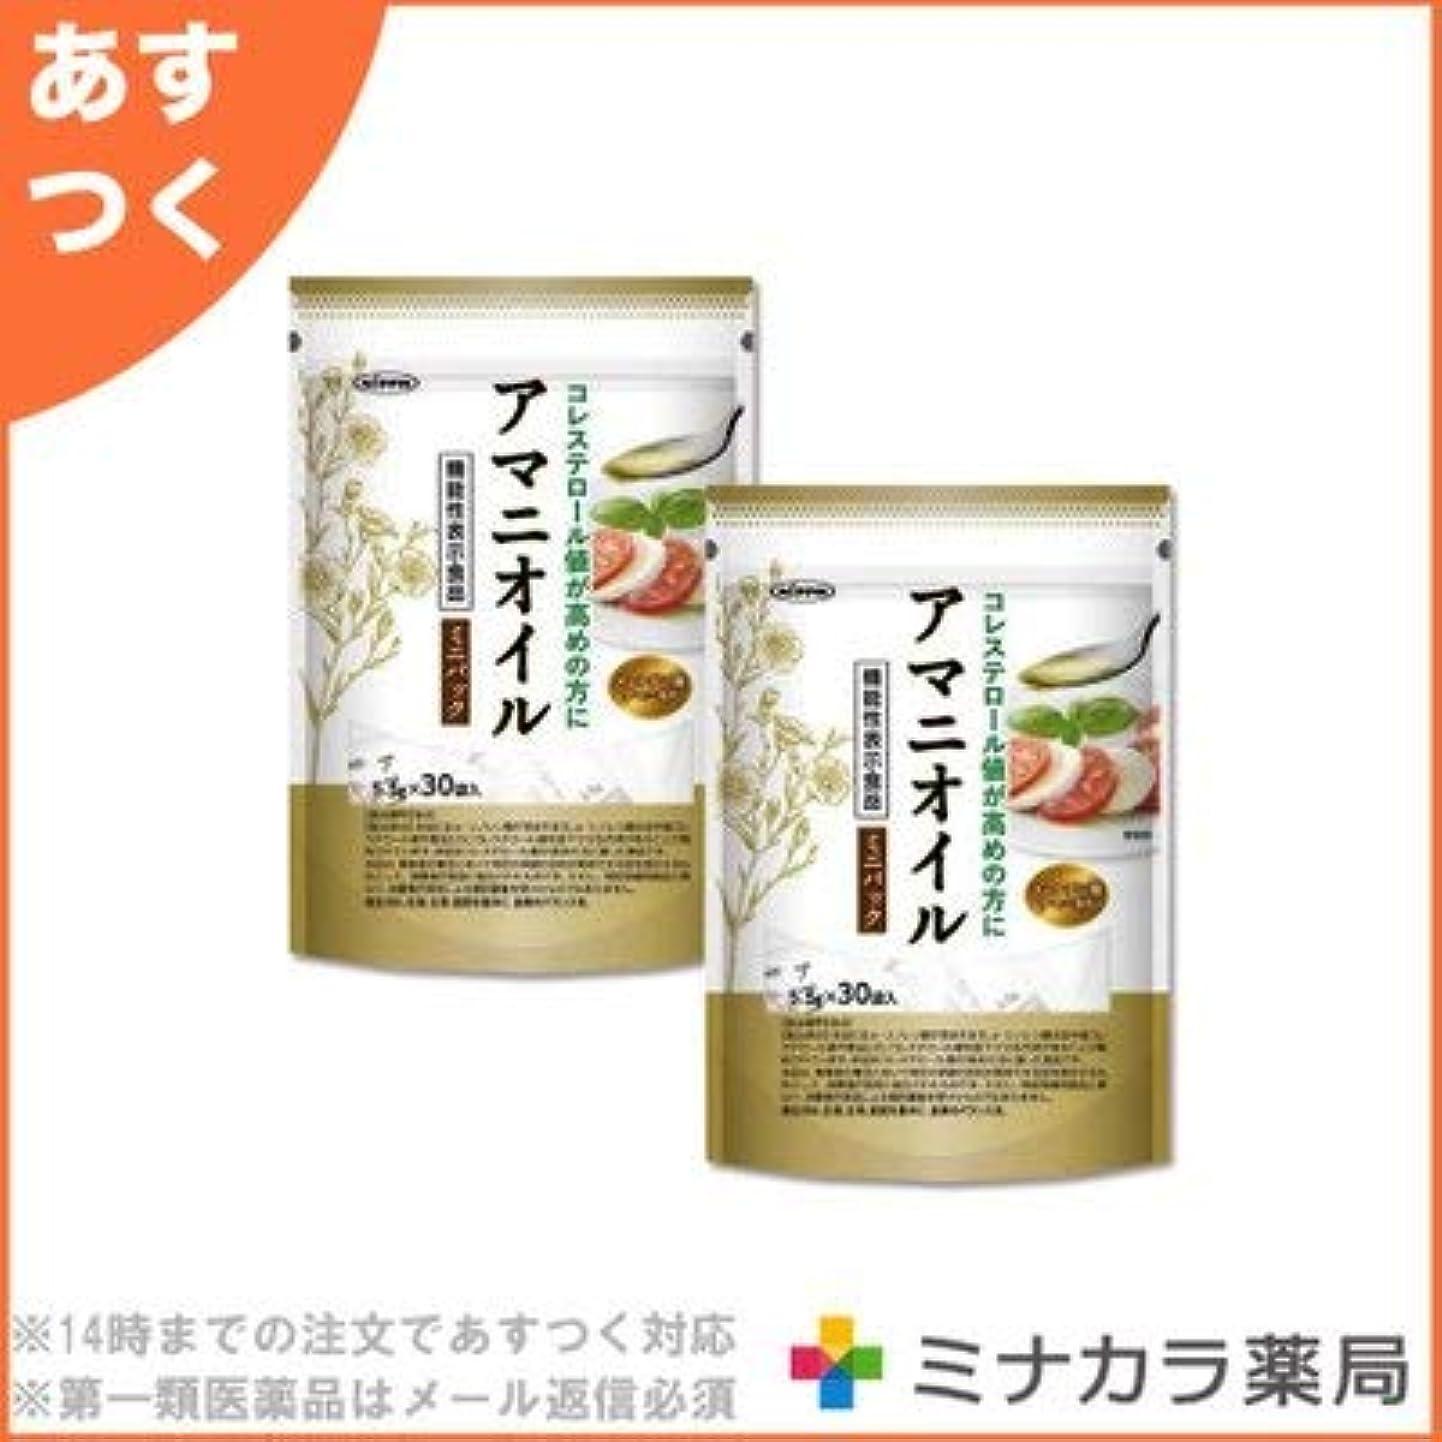 磁器マラソンブラスト日本製粉 アマニオイル ミニパック 5.5g×30 (機能性表示食品)×2個セット